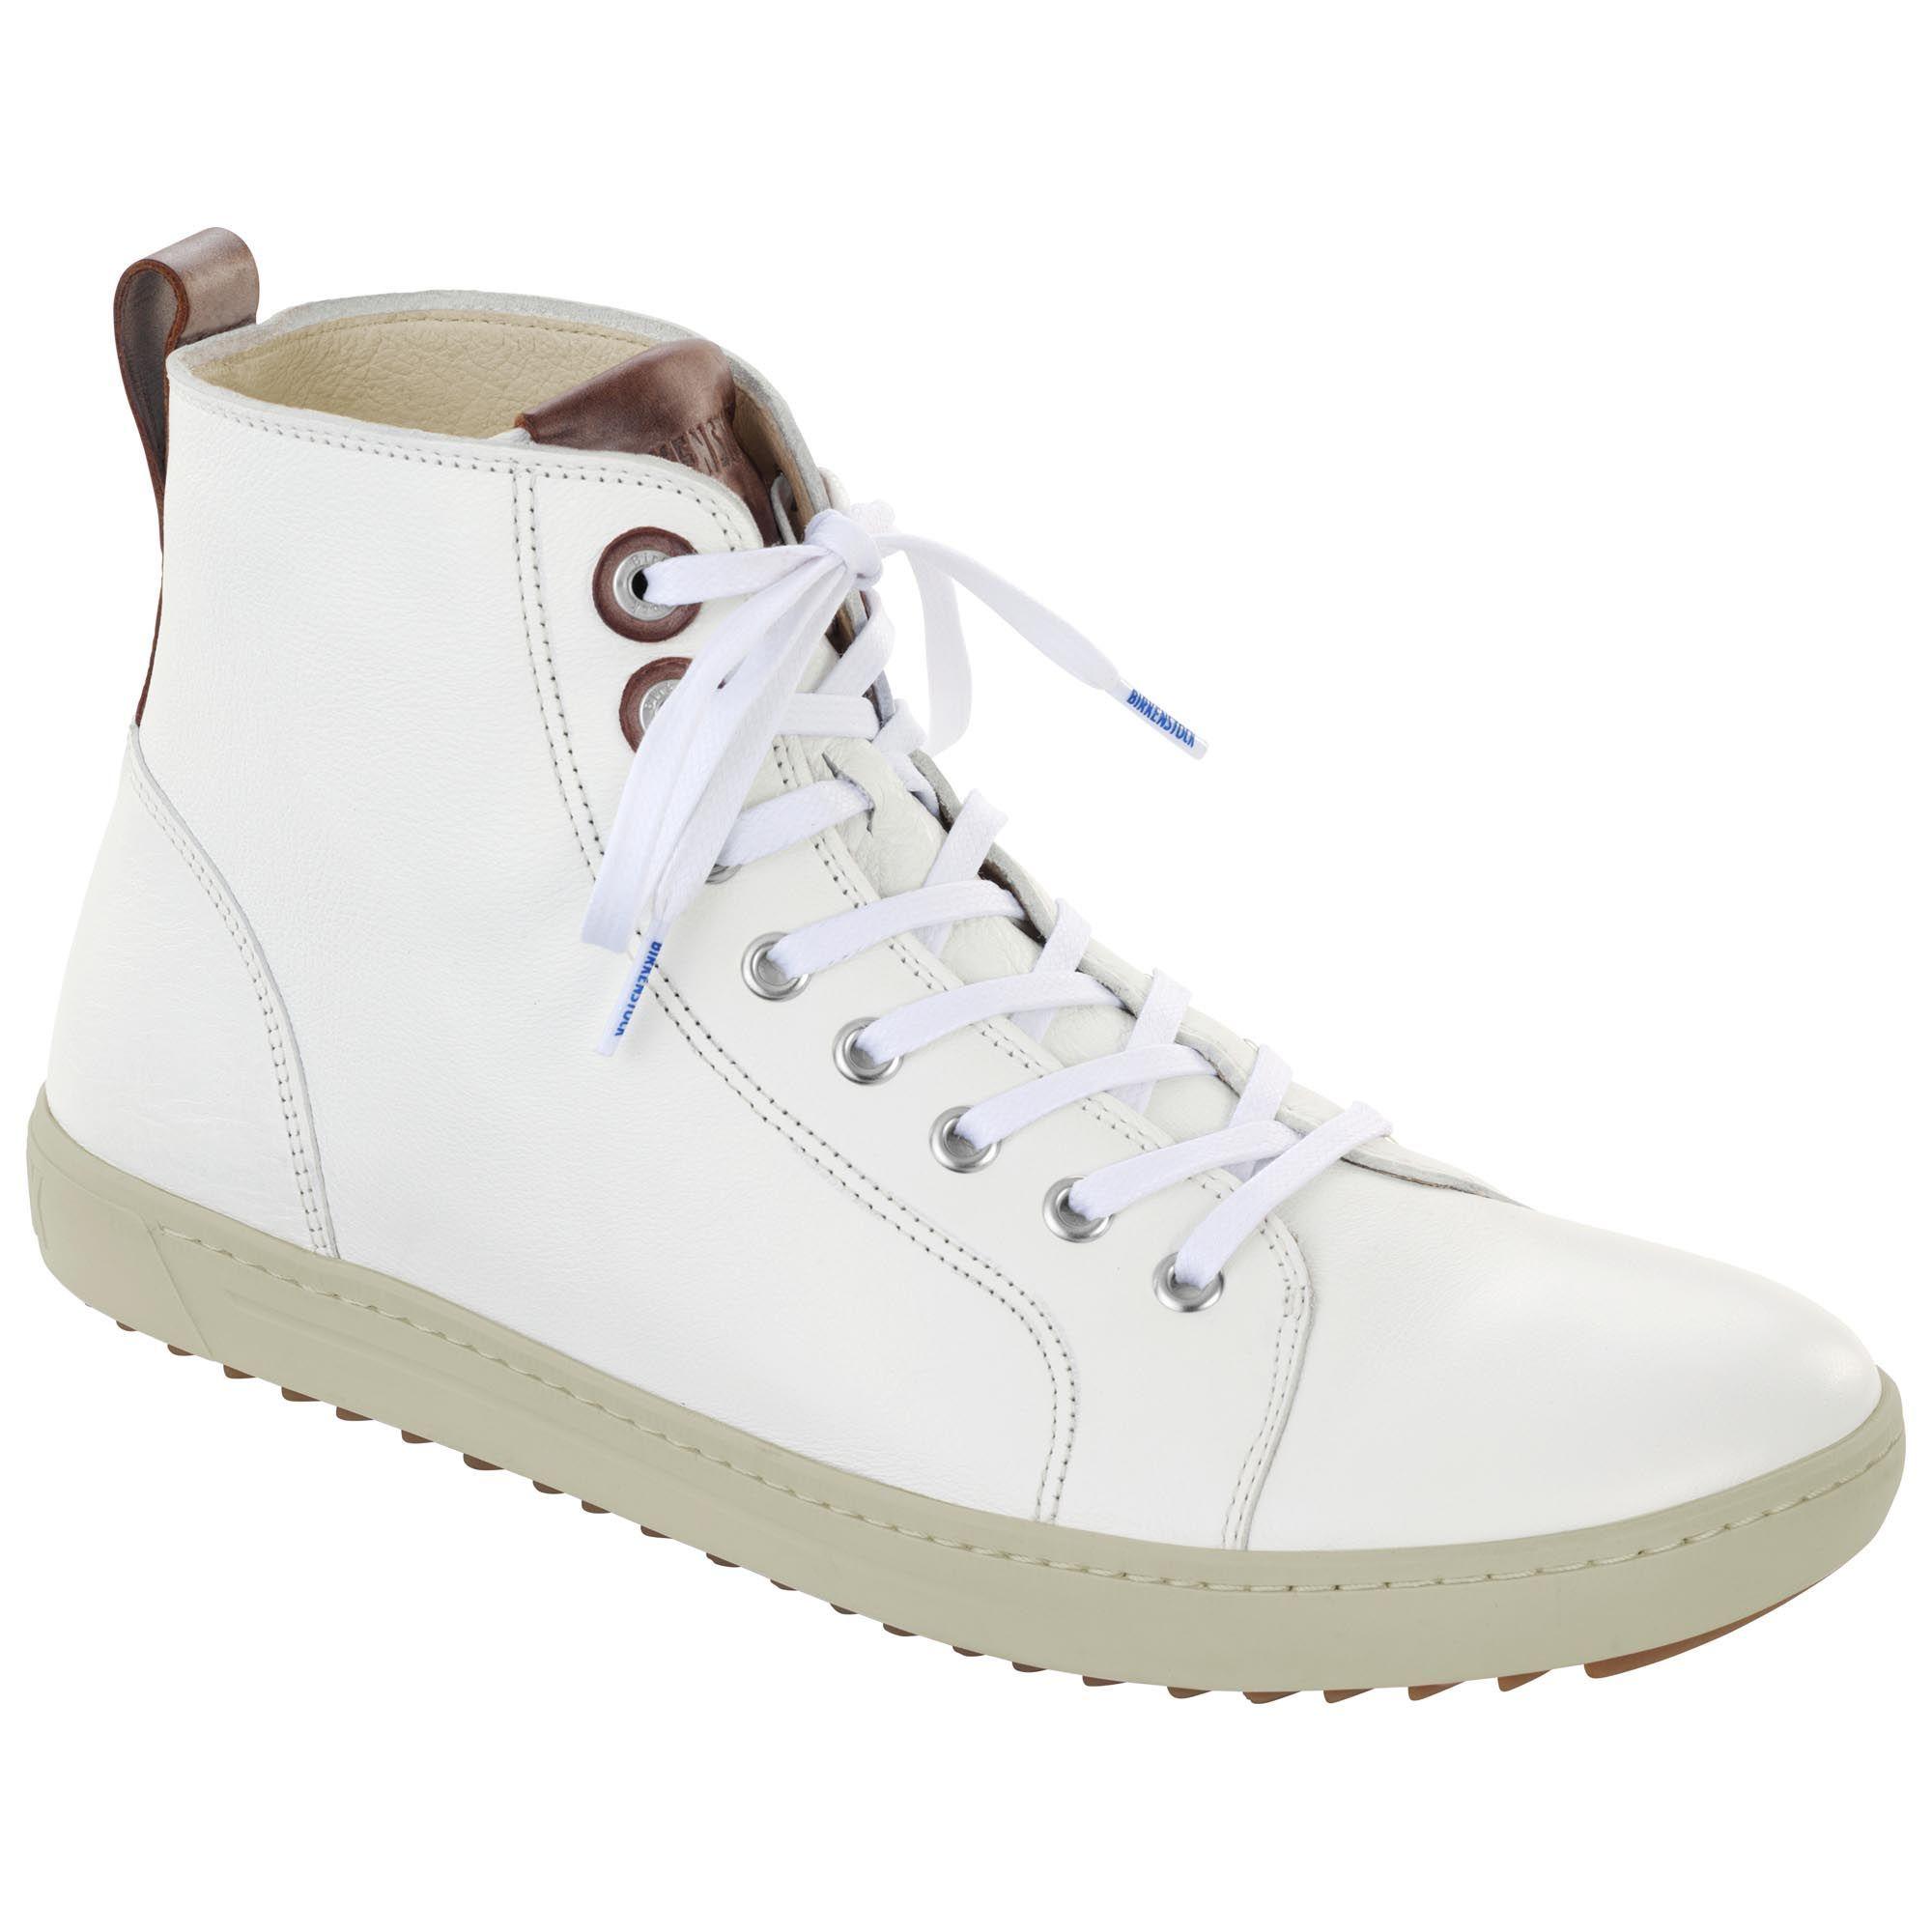 Zapatos blancos de invierno casual Birkenstock Bartlett para mujer Gcx8W